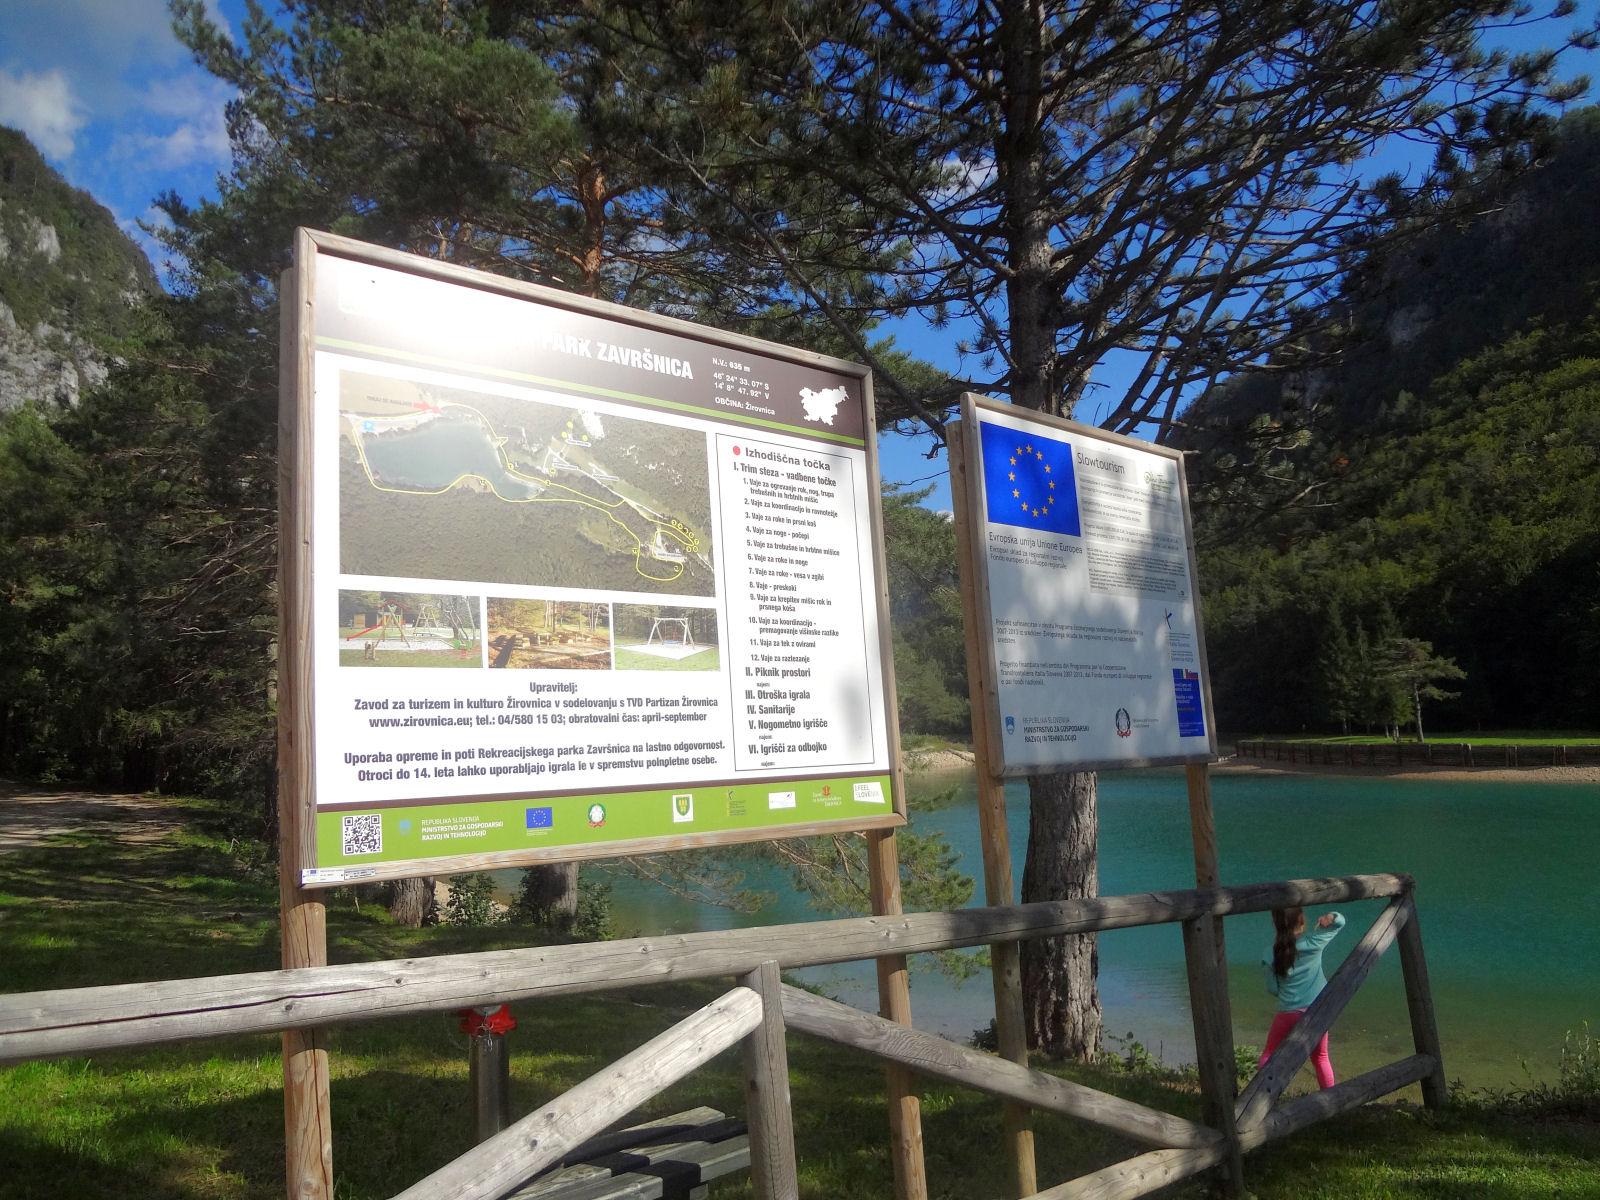 Zavrsnica Recreation Park sign board